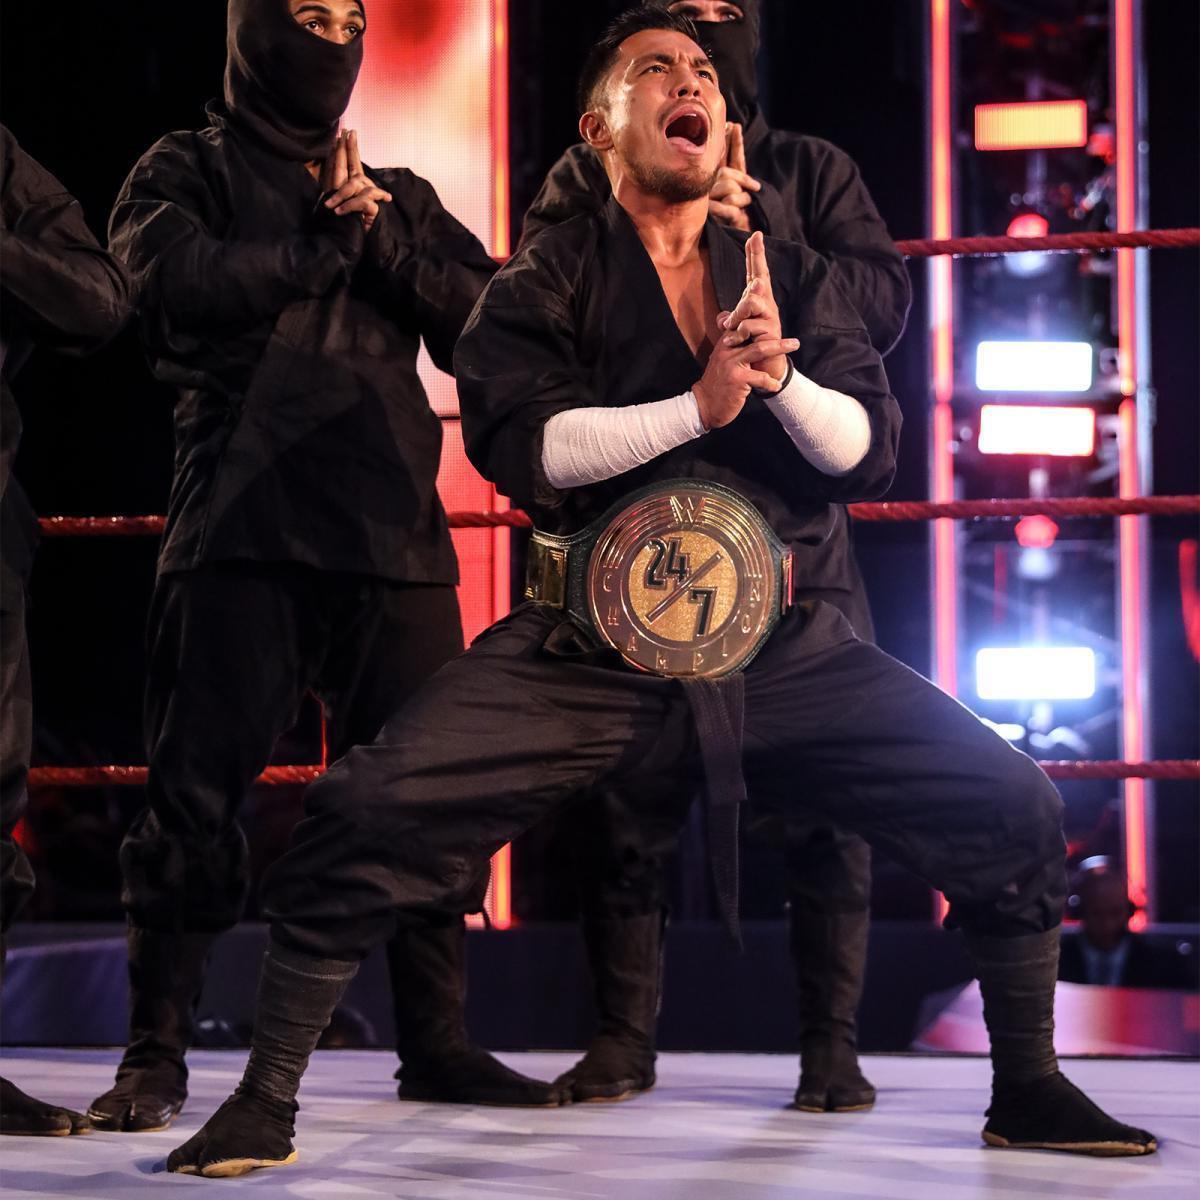 王者としてWWE24/7ベルト姿で登場した戸澤陽だったが(C)2020 WWE, Inc. All Rights Reserved.